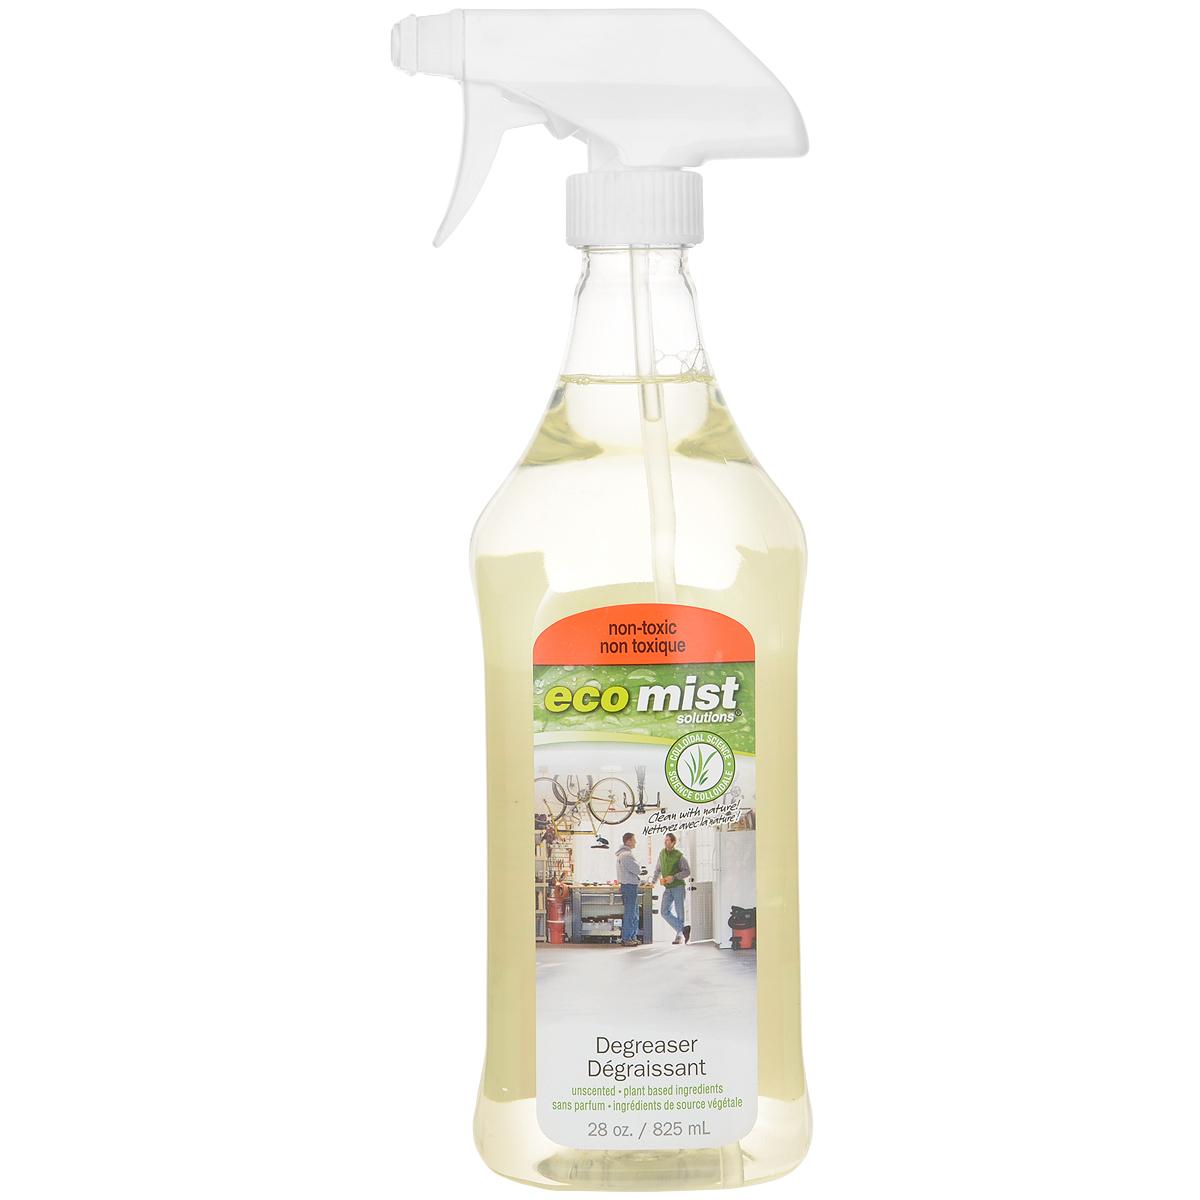 Средство для удаления жира Eco Mist, 825 мл391602Активная инновационная формула средства Eco Mist легко растворяет, эмульсирует и удаляет с поверхностей жир органического и технического характера. Средство является незаменимым помощником при чистке духовок, плит, посуды, вытяжек, бытовых приборов и даже гаражных помещений. Удаляет неприятные запахи. Поверхности остаются чистыми без особых усилий и дополнительных средств. Не токсично. Безопасно.Состав: дехлорированная вода, кукуруза, древесный сок, переработанный экстракт кокоса, экстракт зерна, экстракт картофеля.